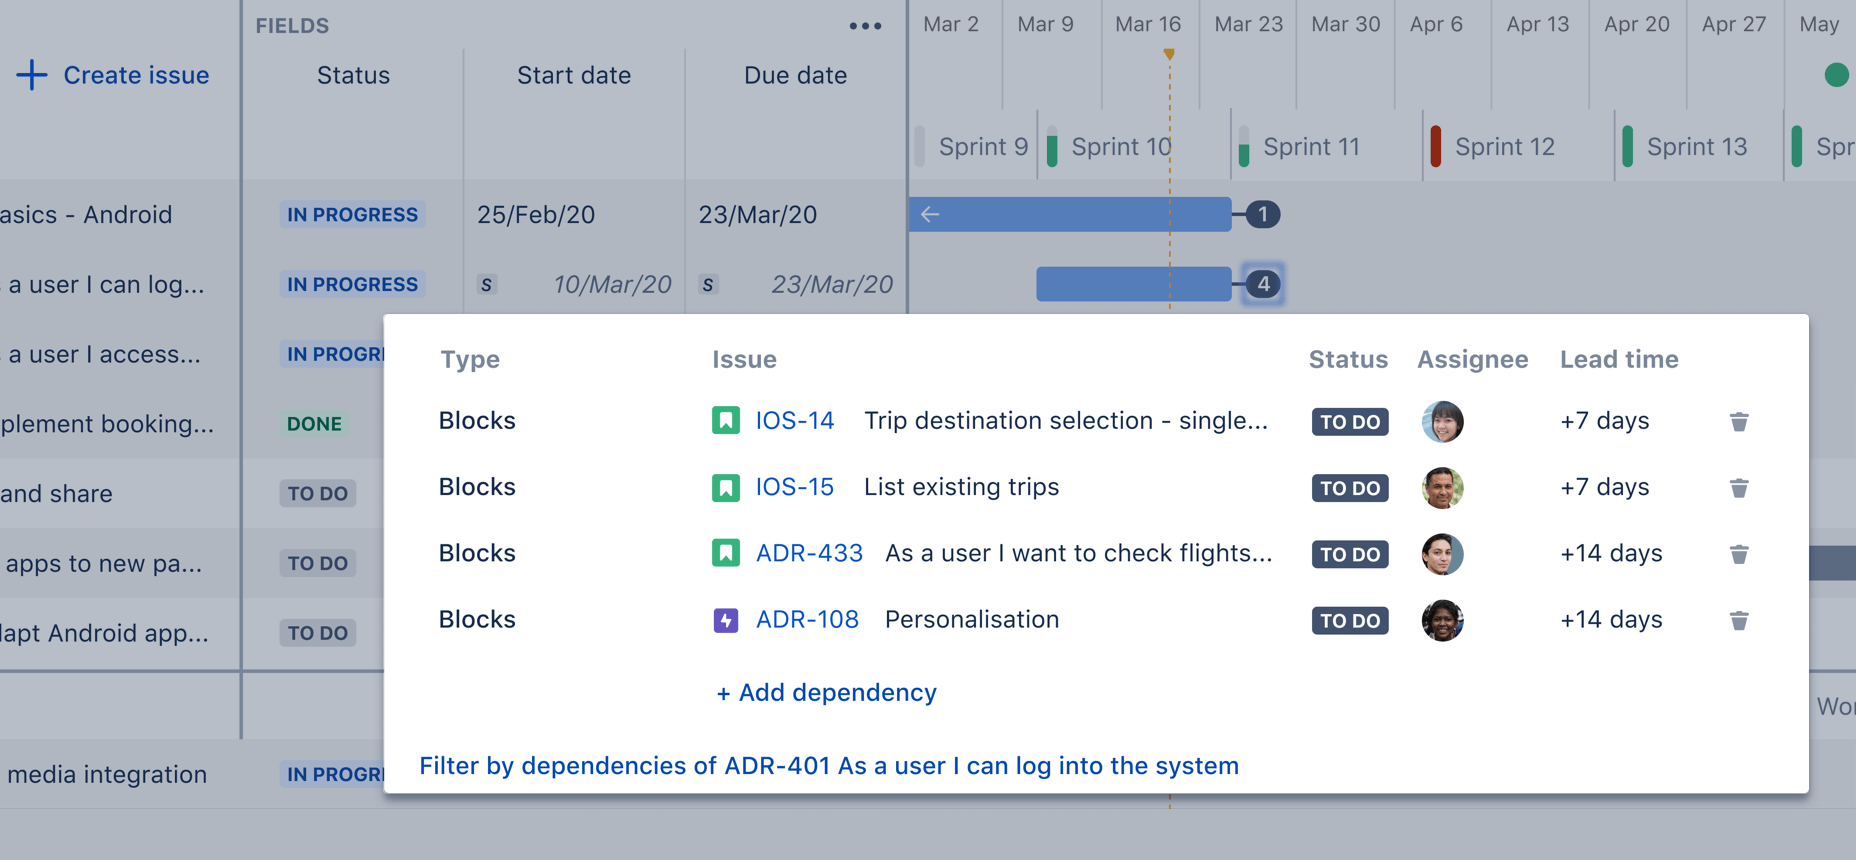 Capture d'écran des dépendances AdvancedRoadmaps